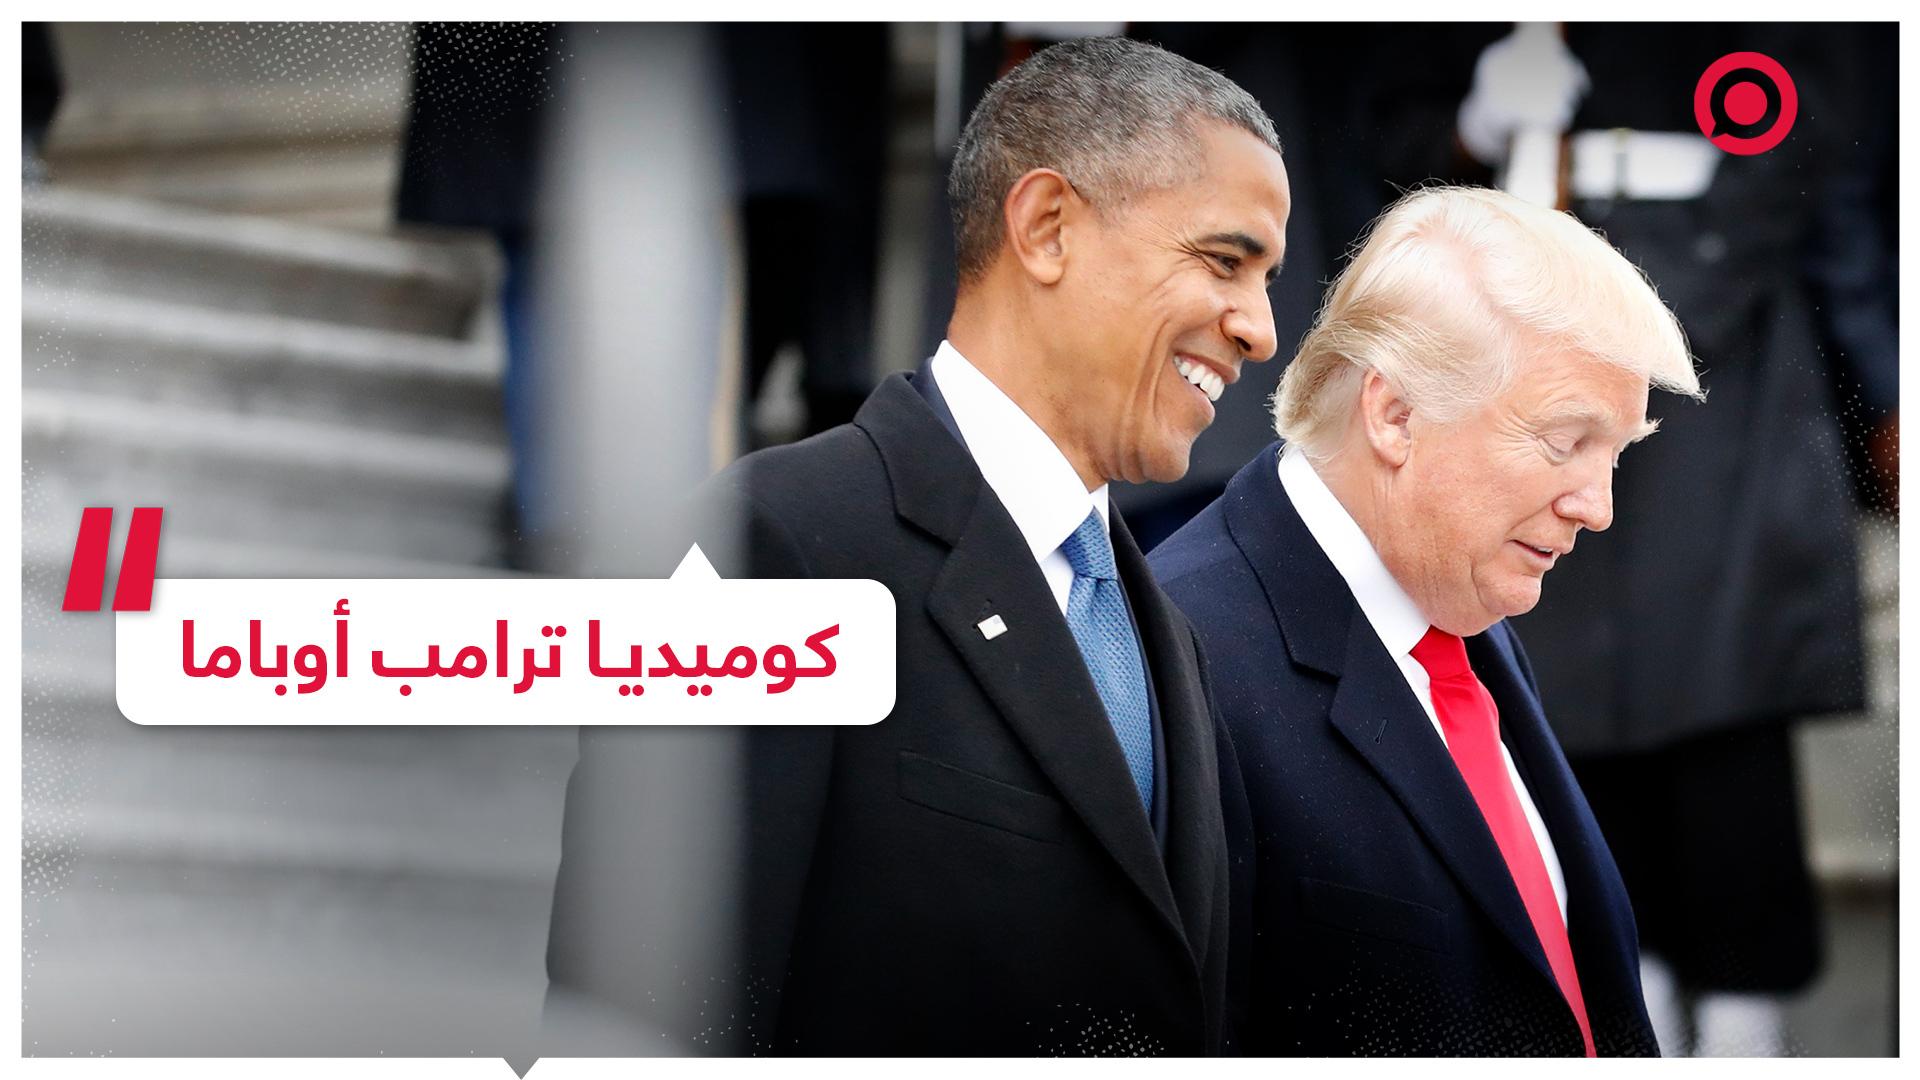 ترامب - أوباما - كوميديا